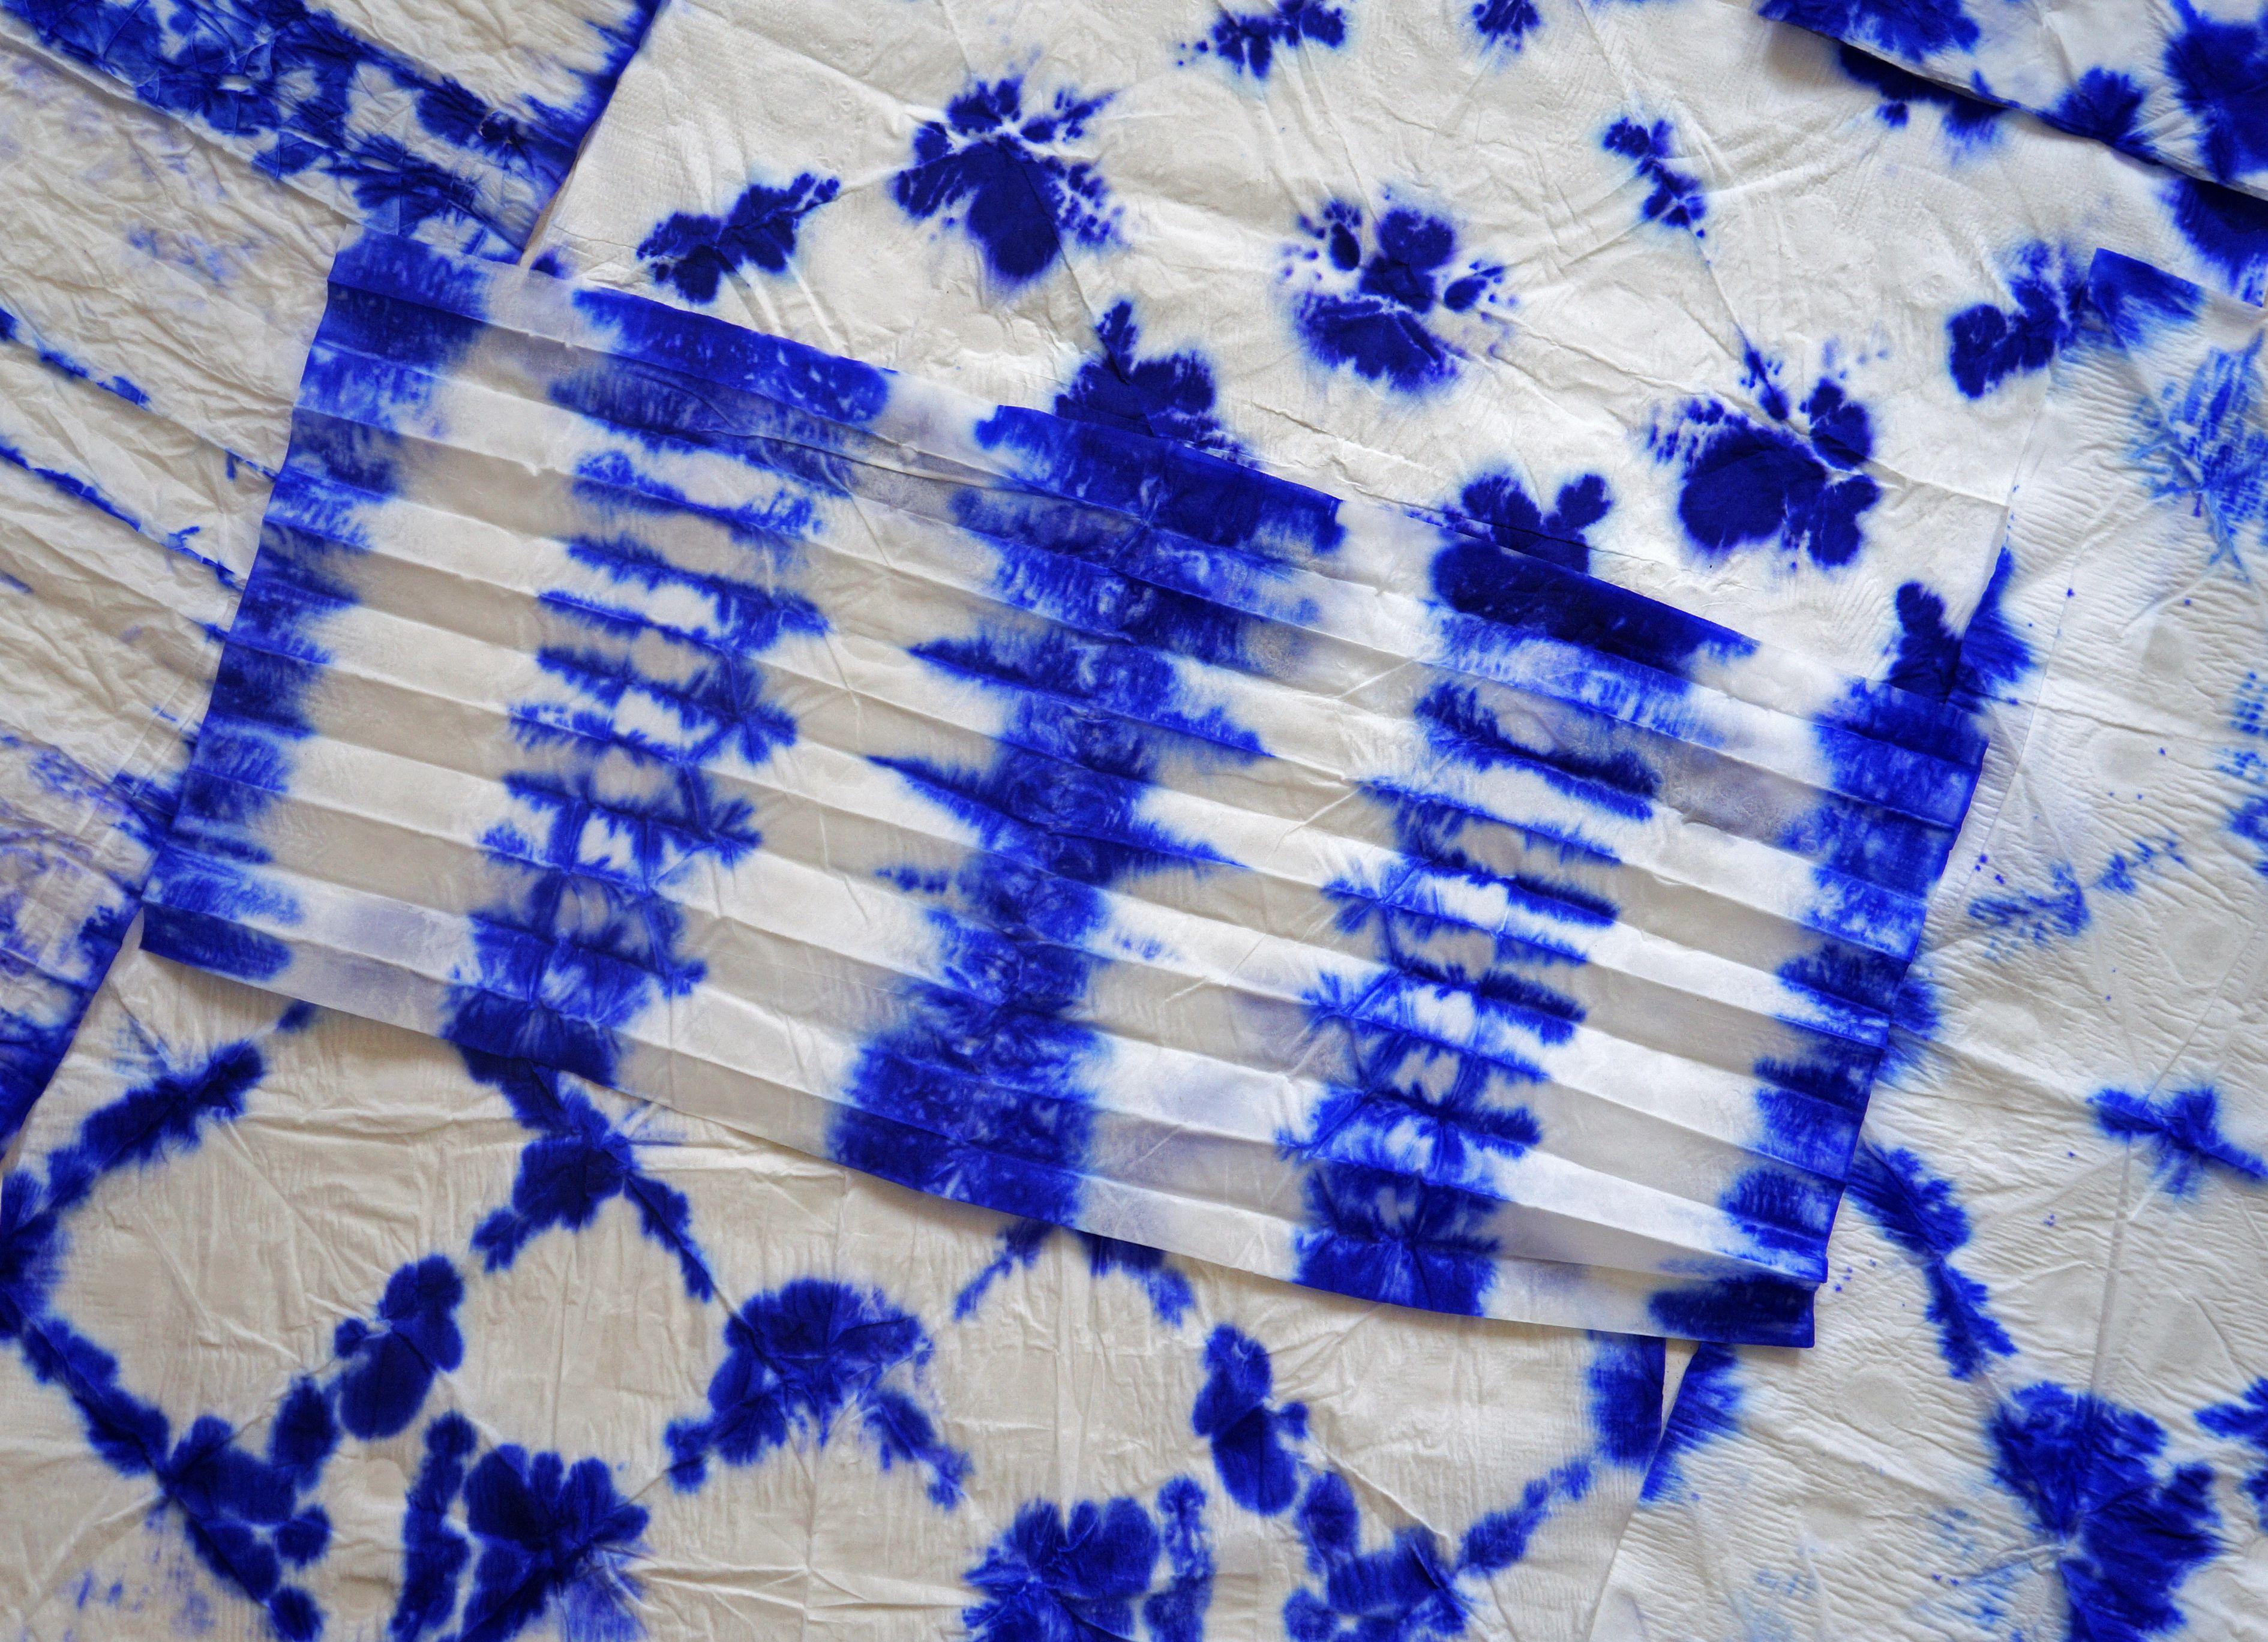 Permanent marker tie dye art